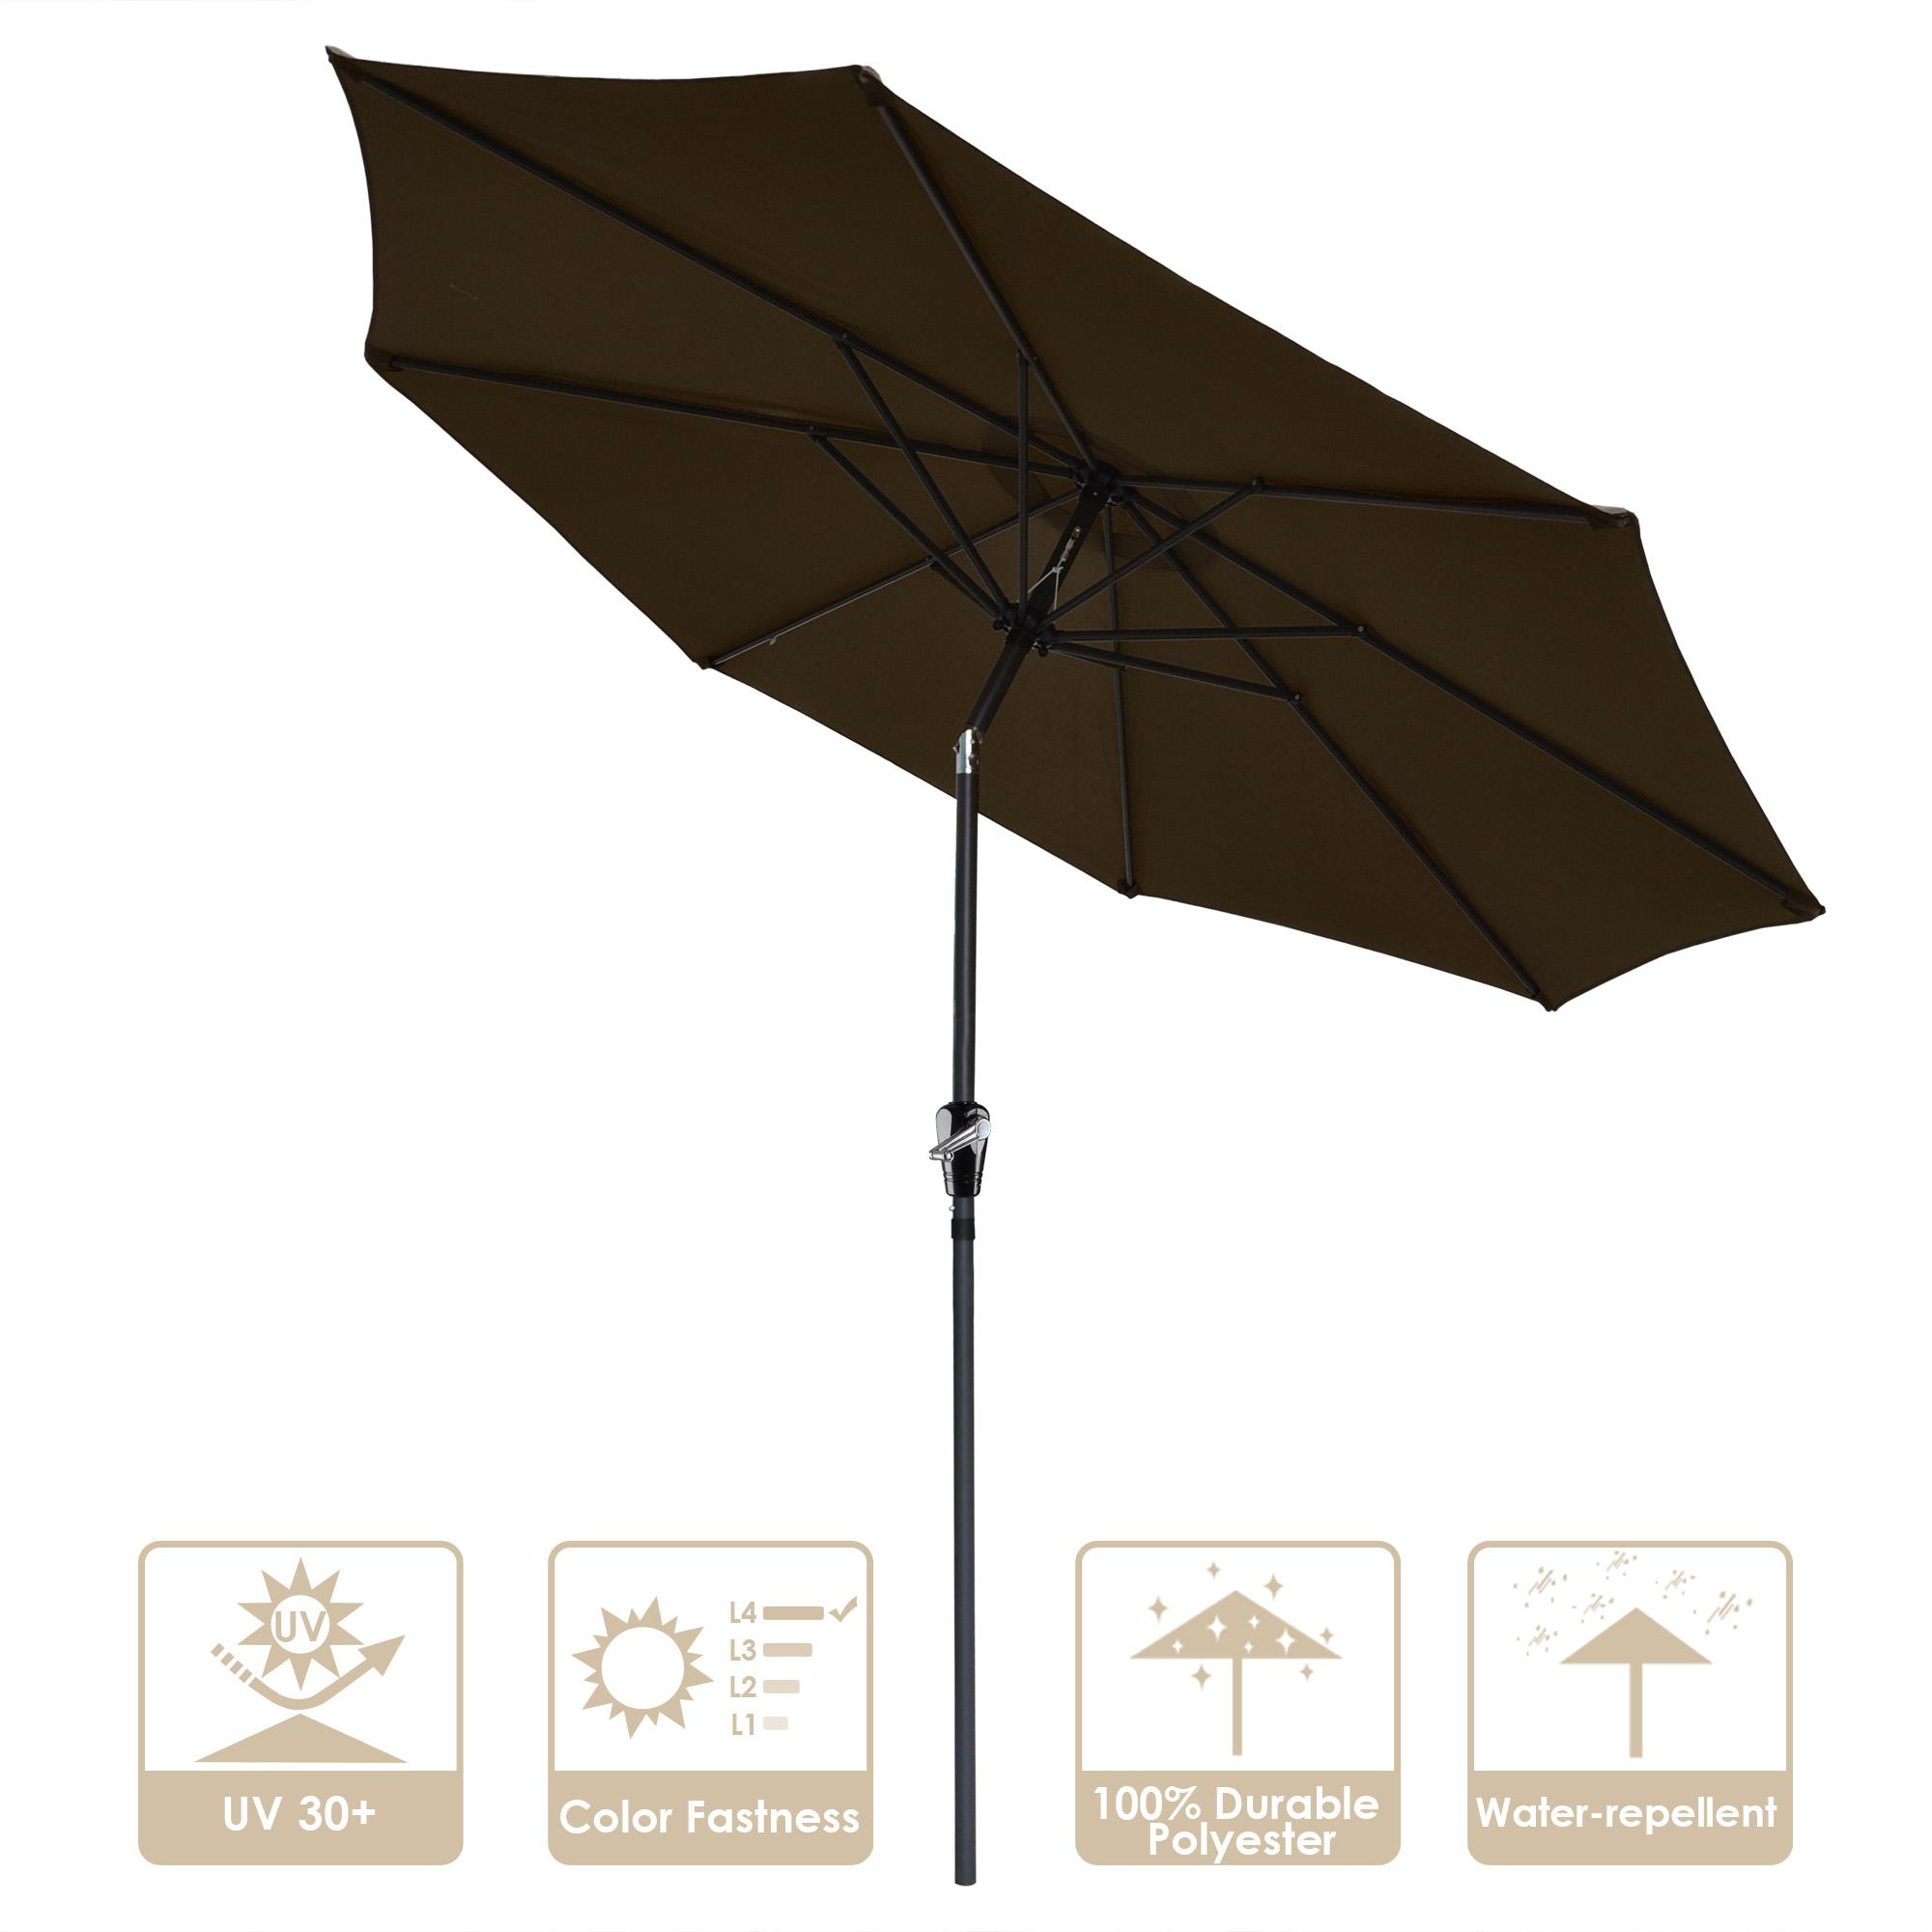 thumbnail 59 - 9' Outdoor Umbrella Patio 8 Ribs Market Garden Crank Tilt Beach Sunshade Parasol